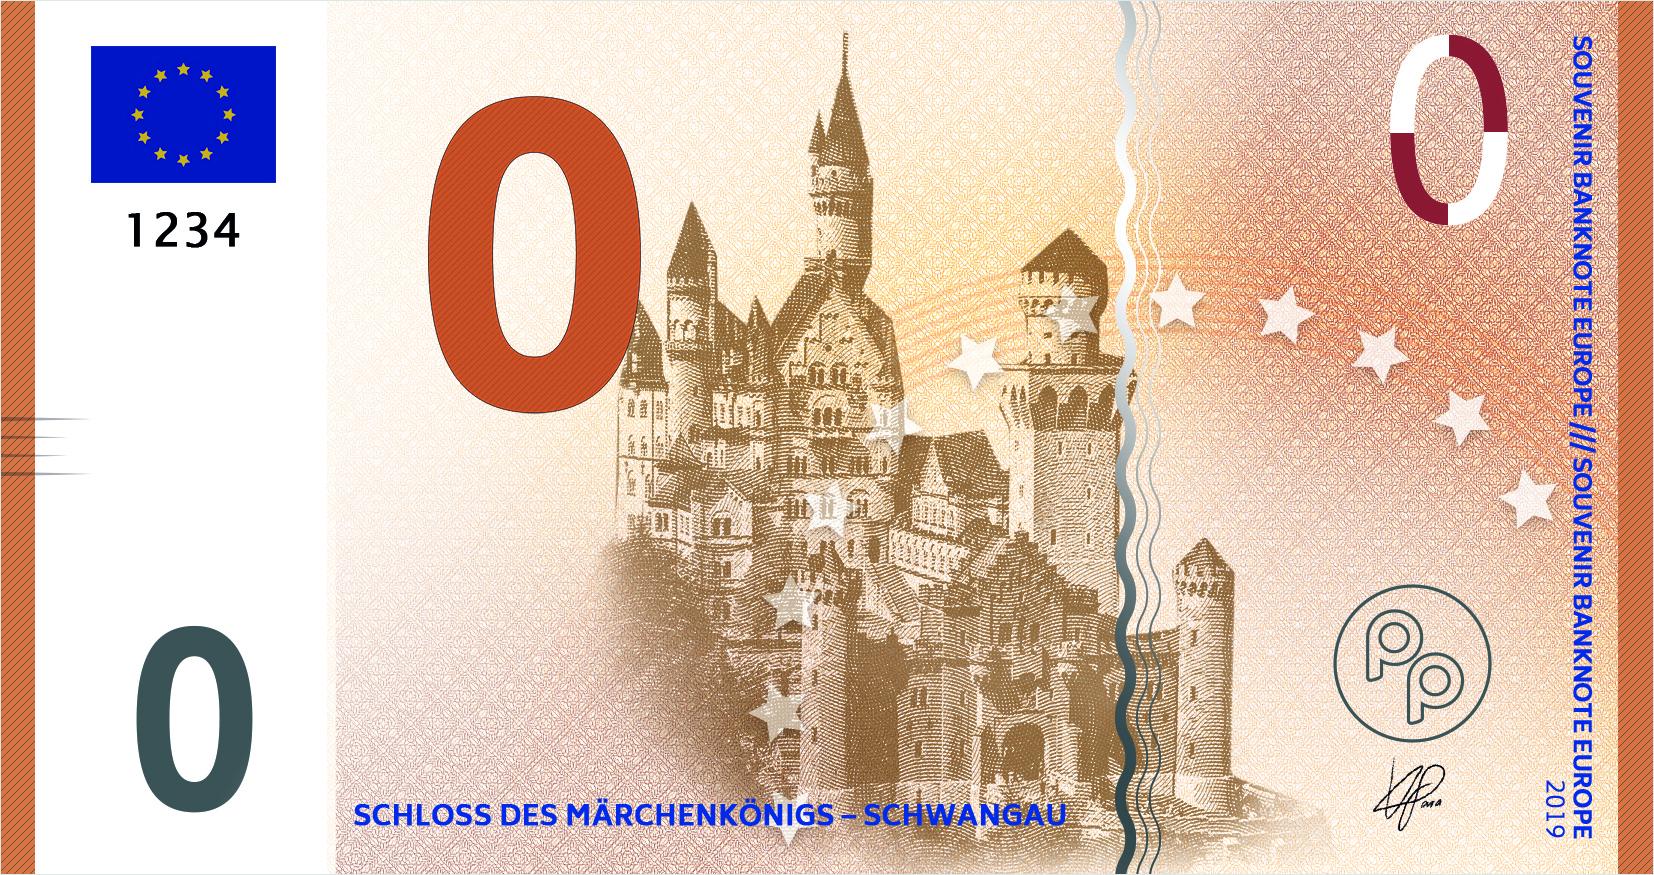 Souvenir-Geldschein von Penny Press Europe (Motivseite)